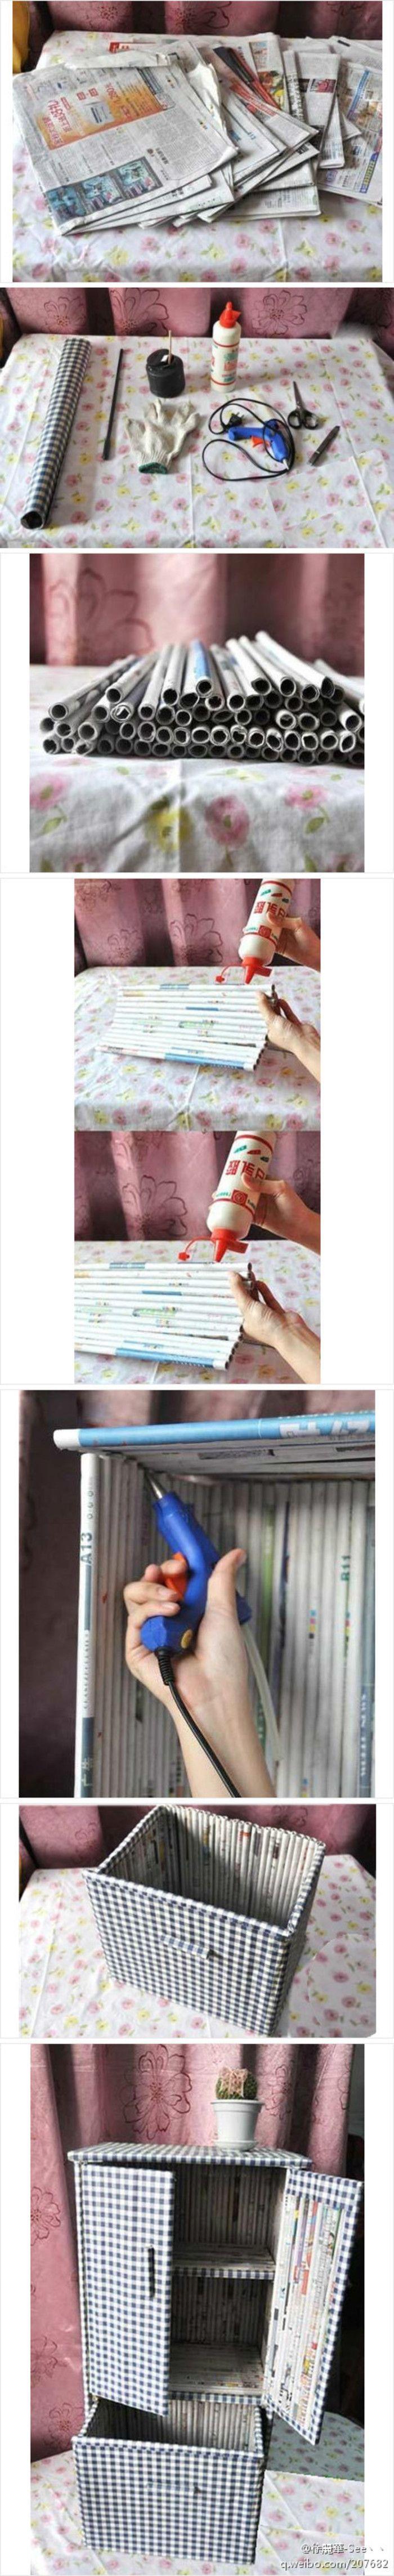 DIY Mueble con Periódico  DIYrosa.com Facebook: fb.com/DIYrosa Twitter: @DIYrosa